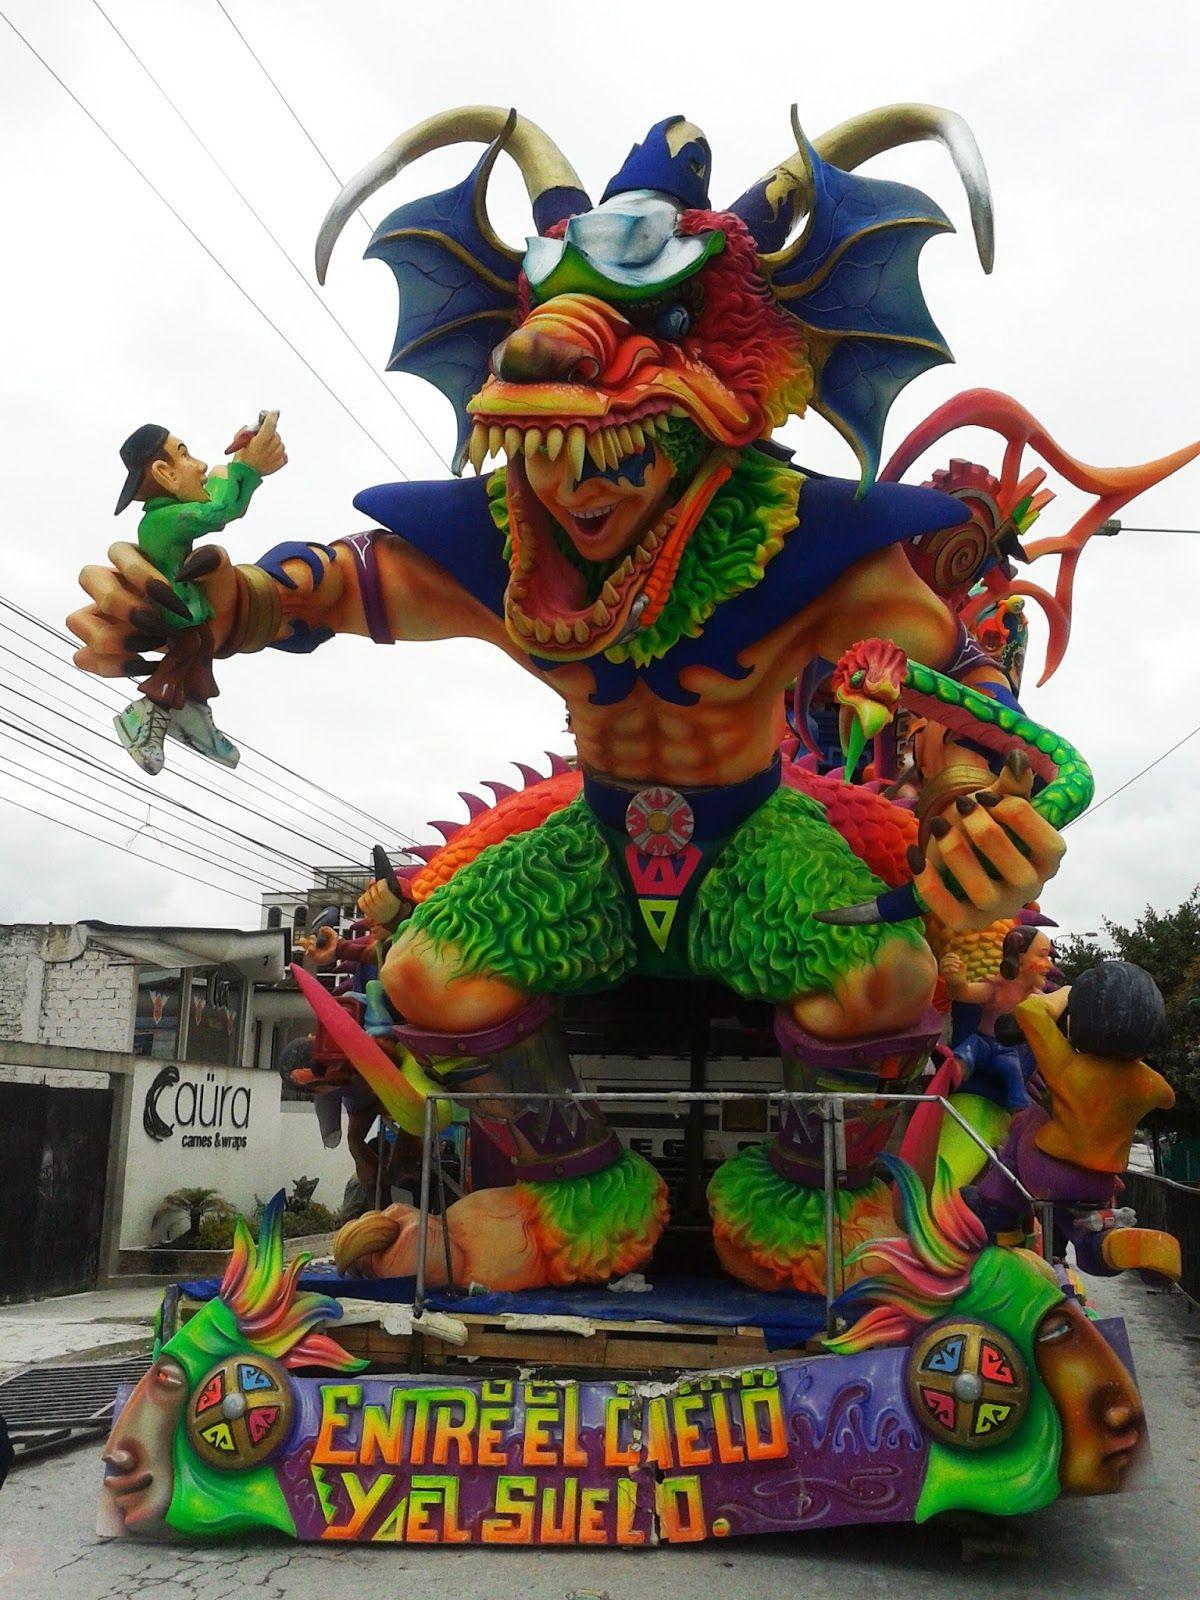 Carrozas Ganadoras Carnaval De Negros Y Blancos 2014 La Estacion Grafica Carrozas De Carnaval Carnaval Desfile De Carrozas